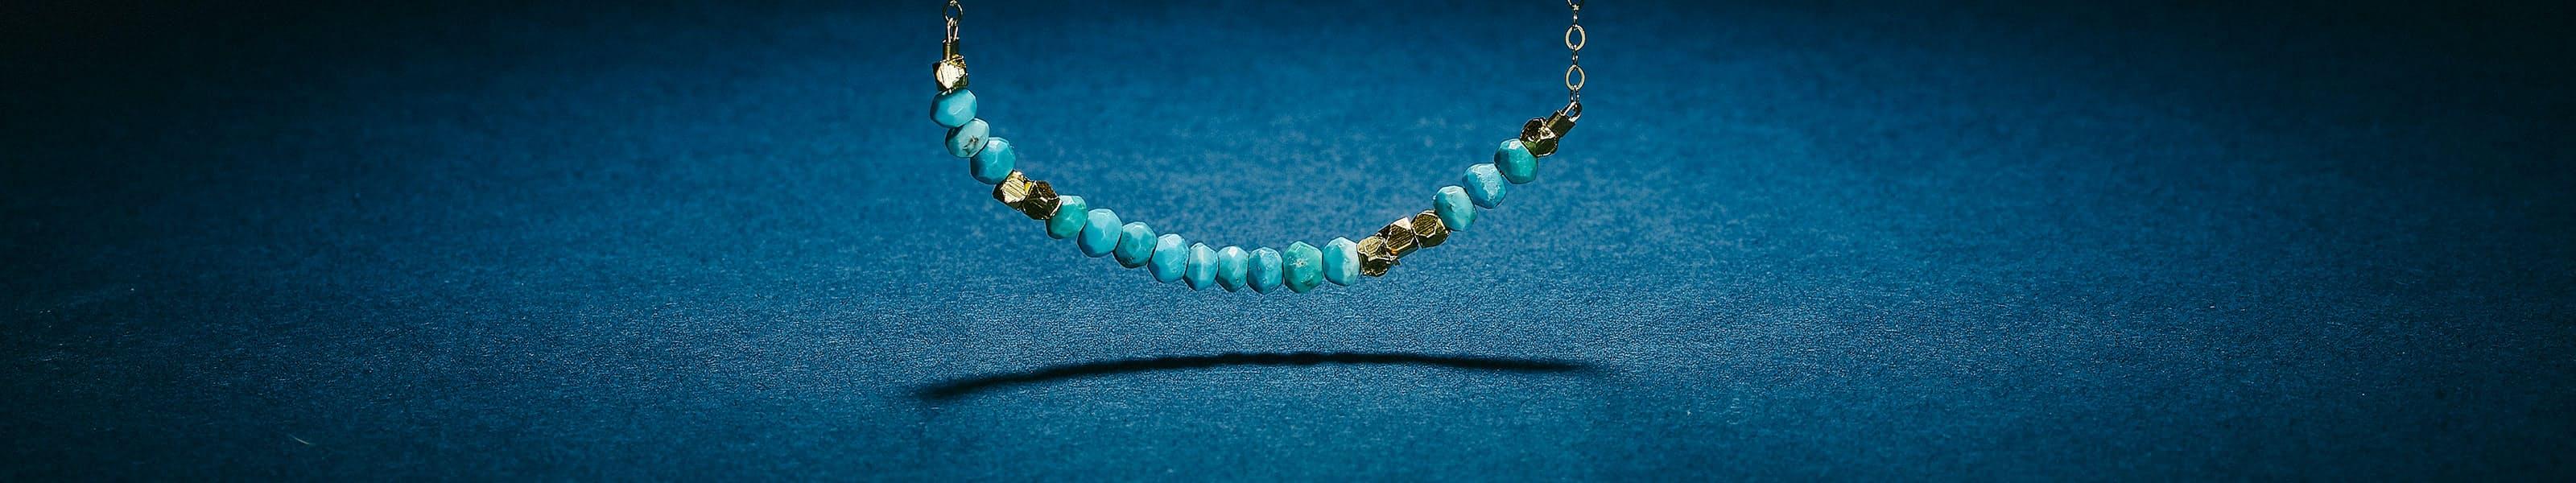 Gifts19 jewelry header.jpg?ixlib=rails 2.1